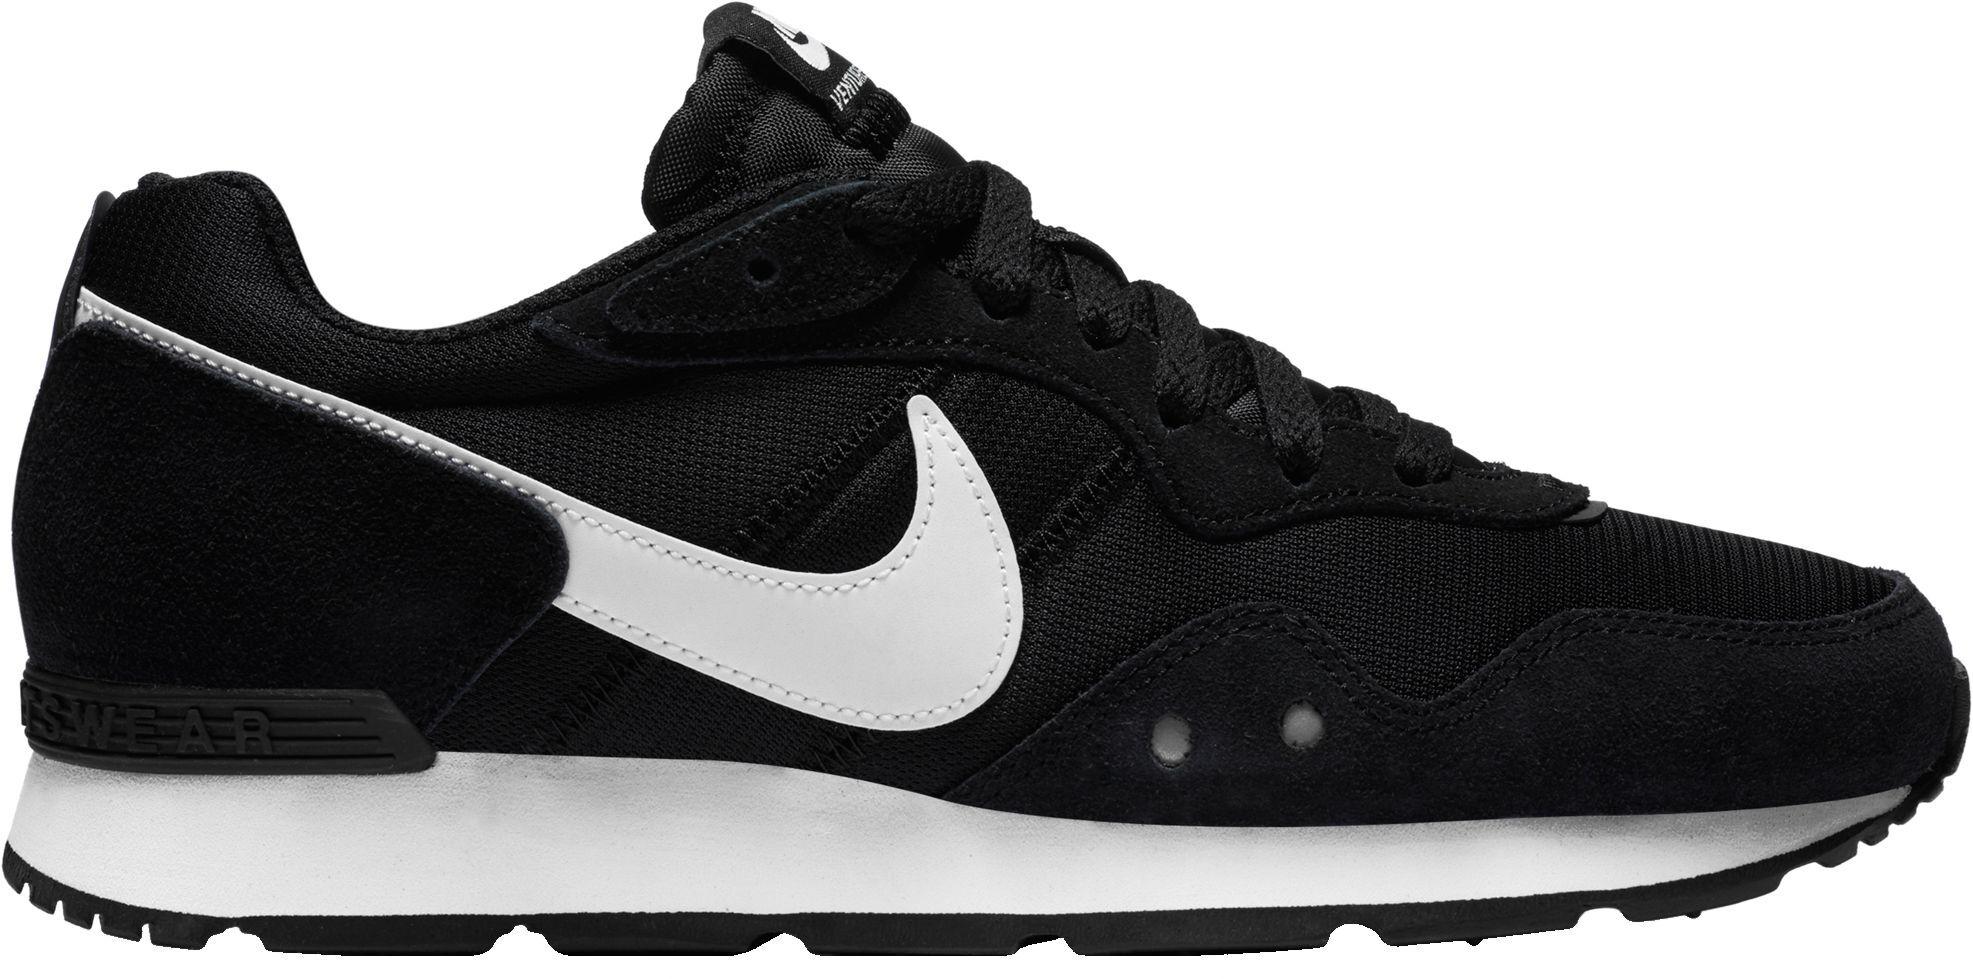 Nike Women's Venture Runner Shoes, Black